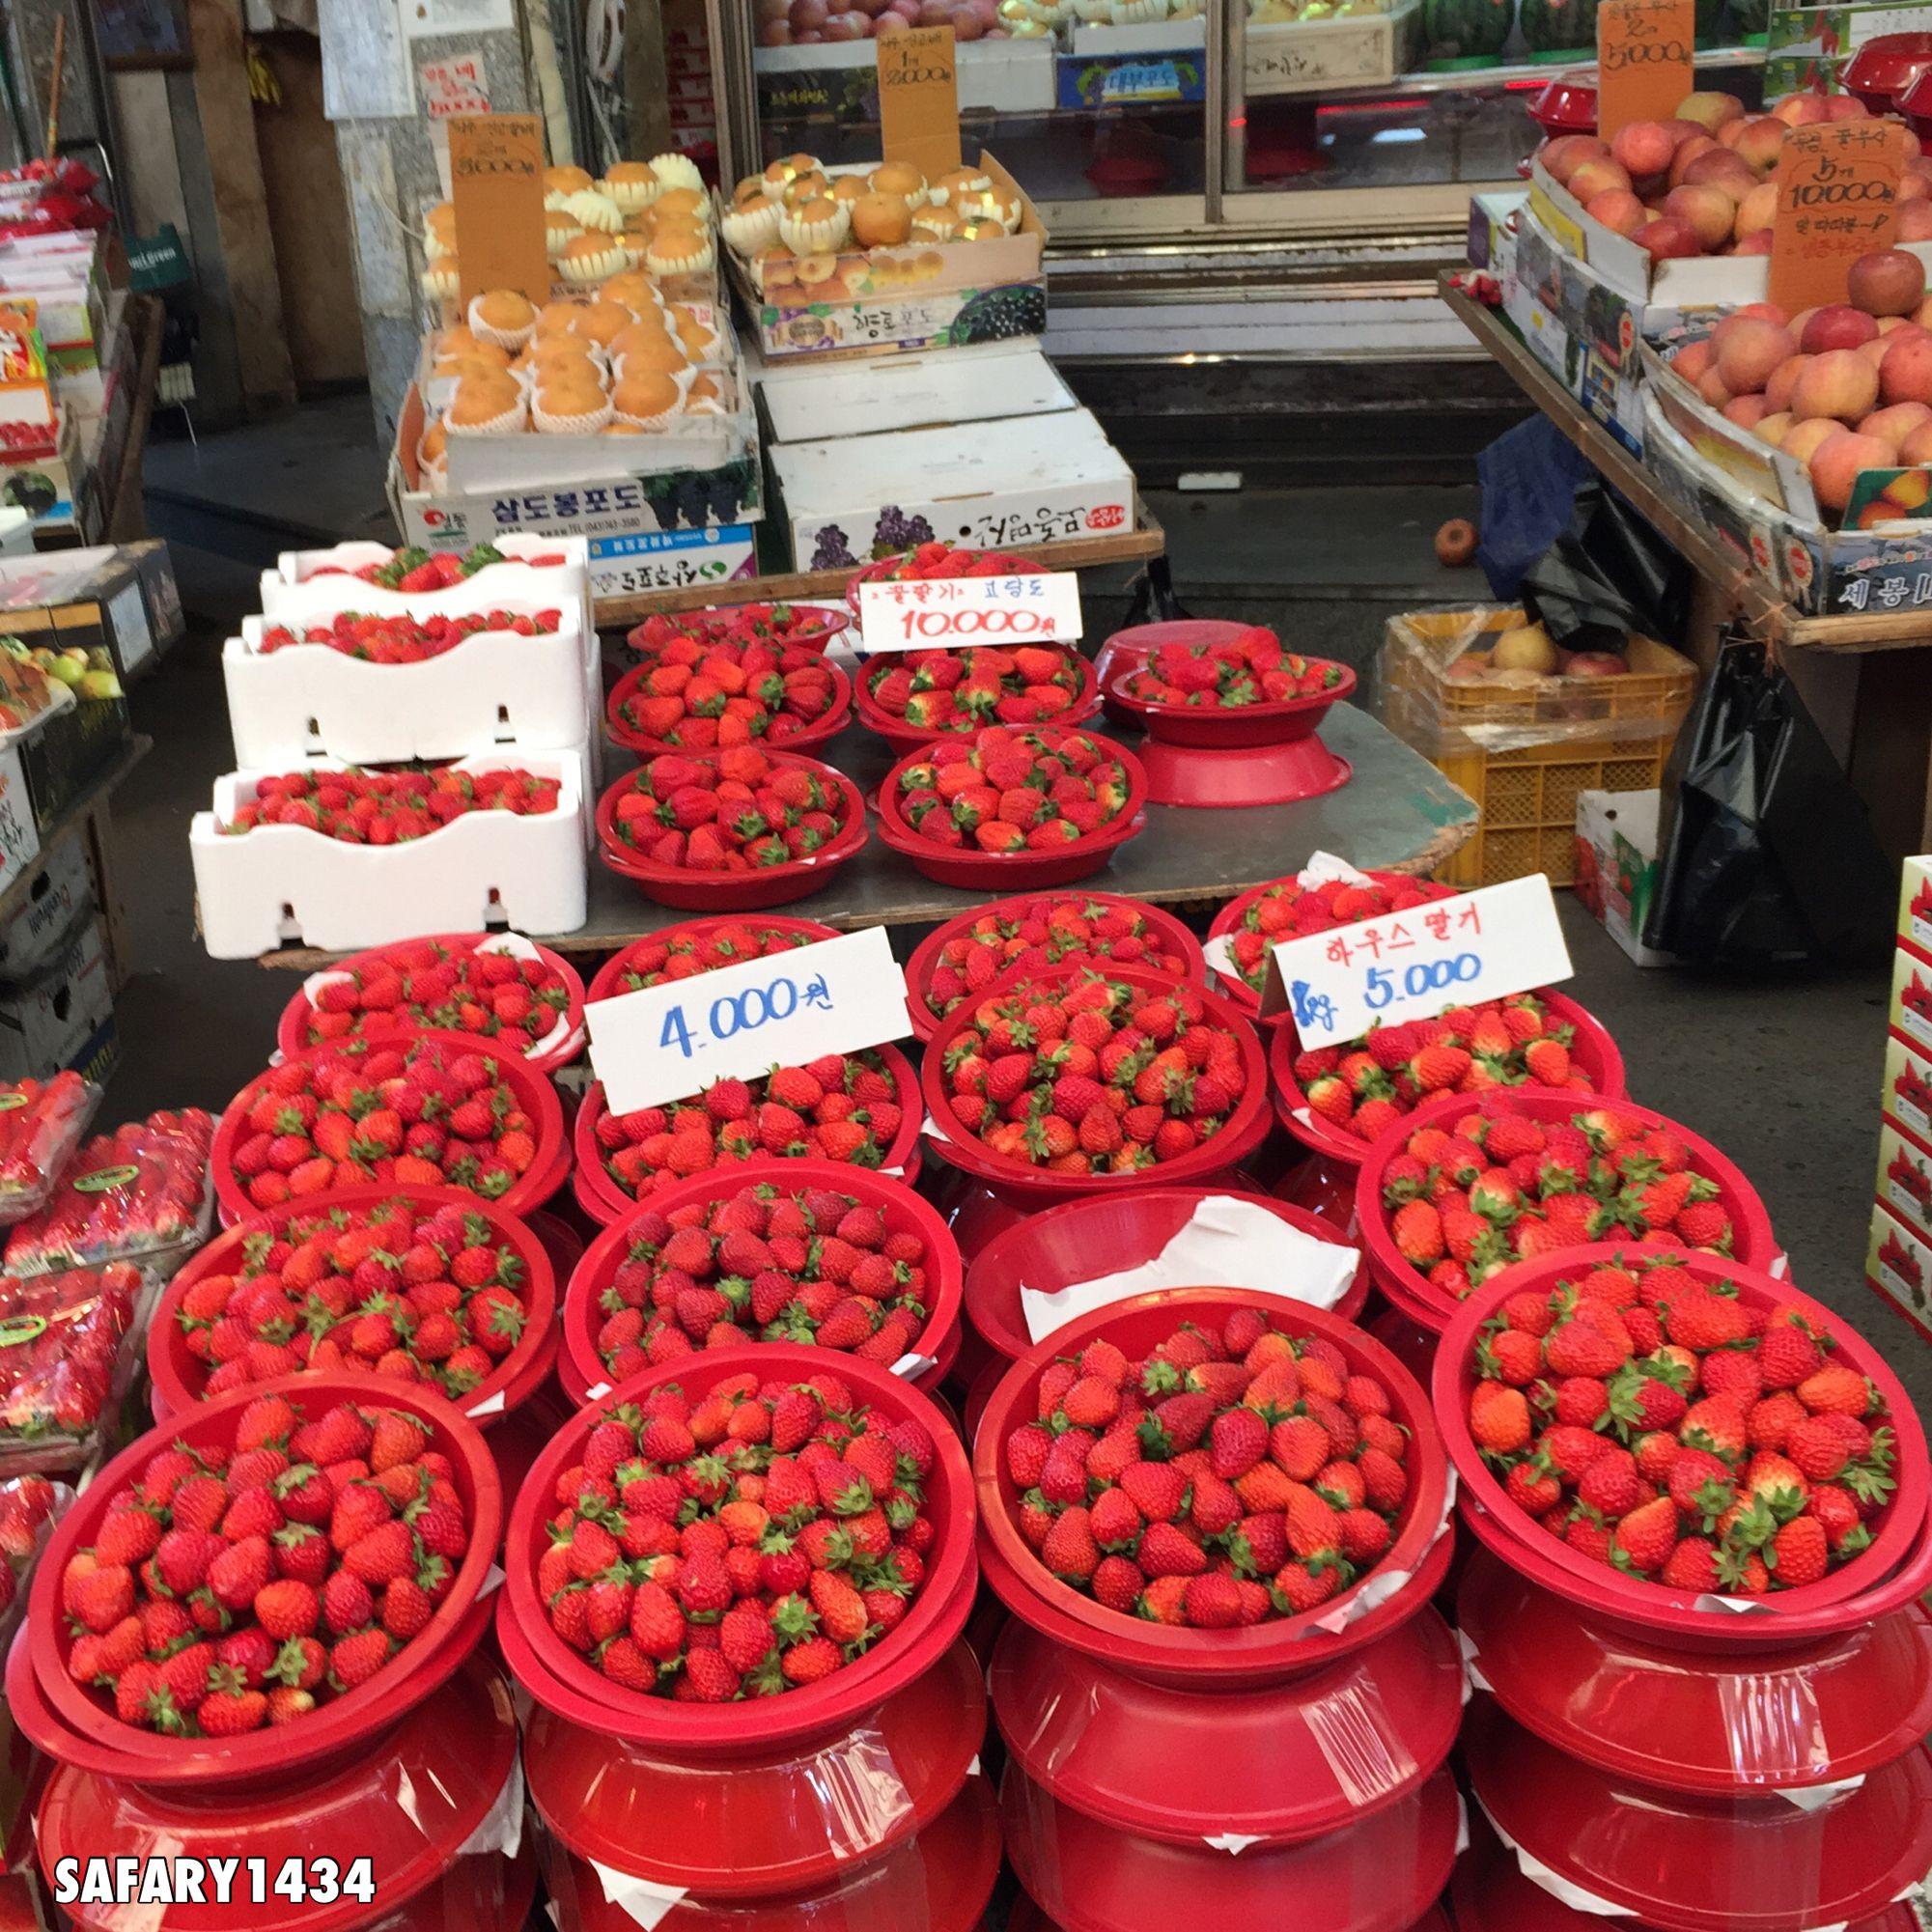 الفقير أصدق العشاق لأنه لا يوجد ما يقدمه من الإغراءات سوى قلبه مساء الفرولة تصويري لاحلى فرولة ذقنها في حياتي في سوق شعبي في Food Fruit Vegetables